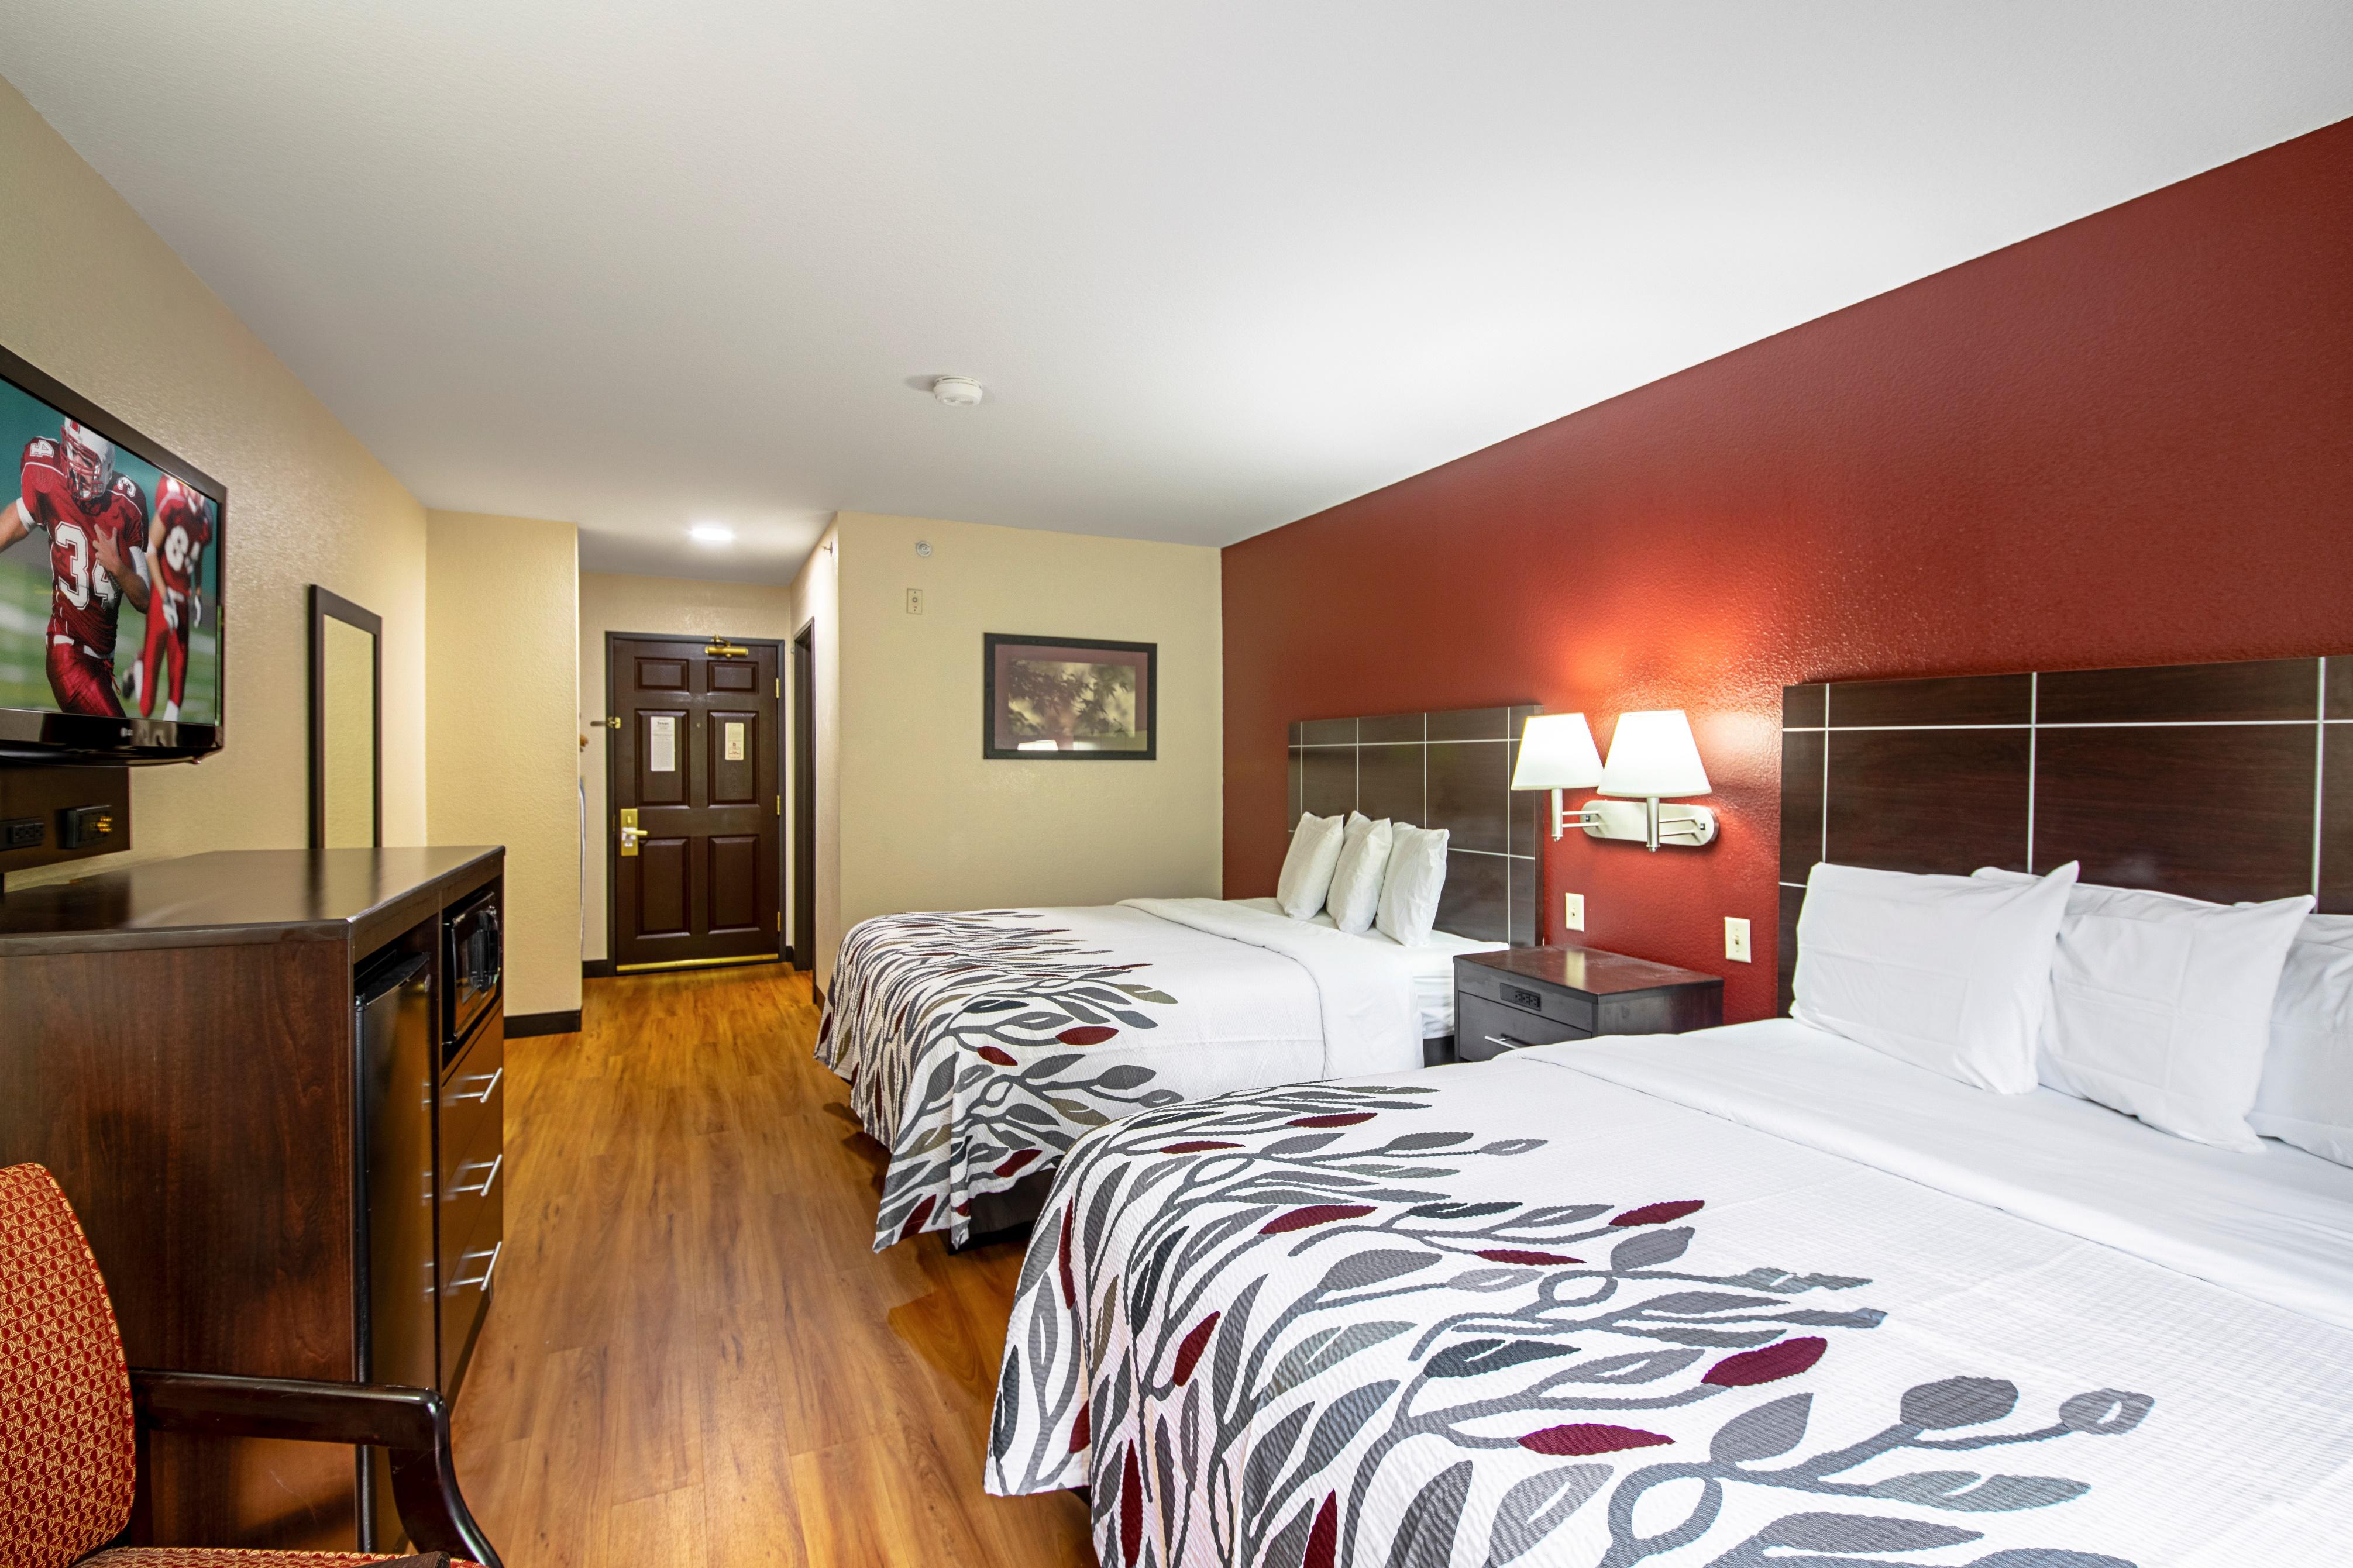 632-deluxe-2-queen-beds-03.jpg